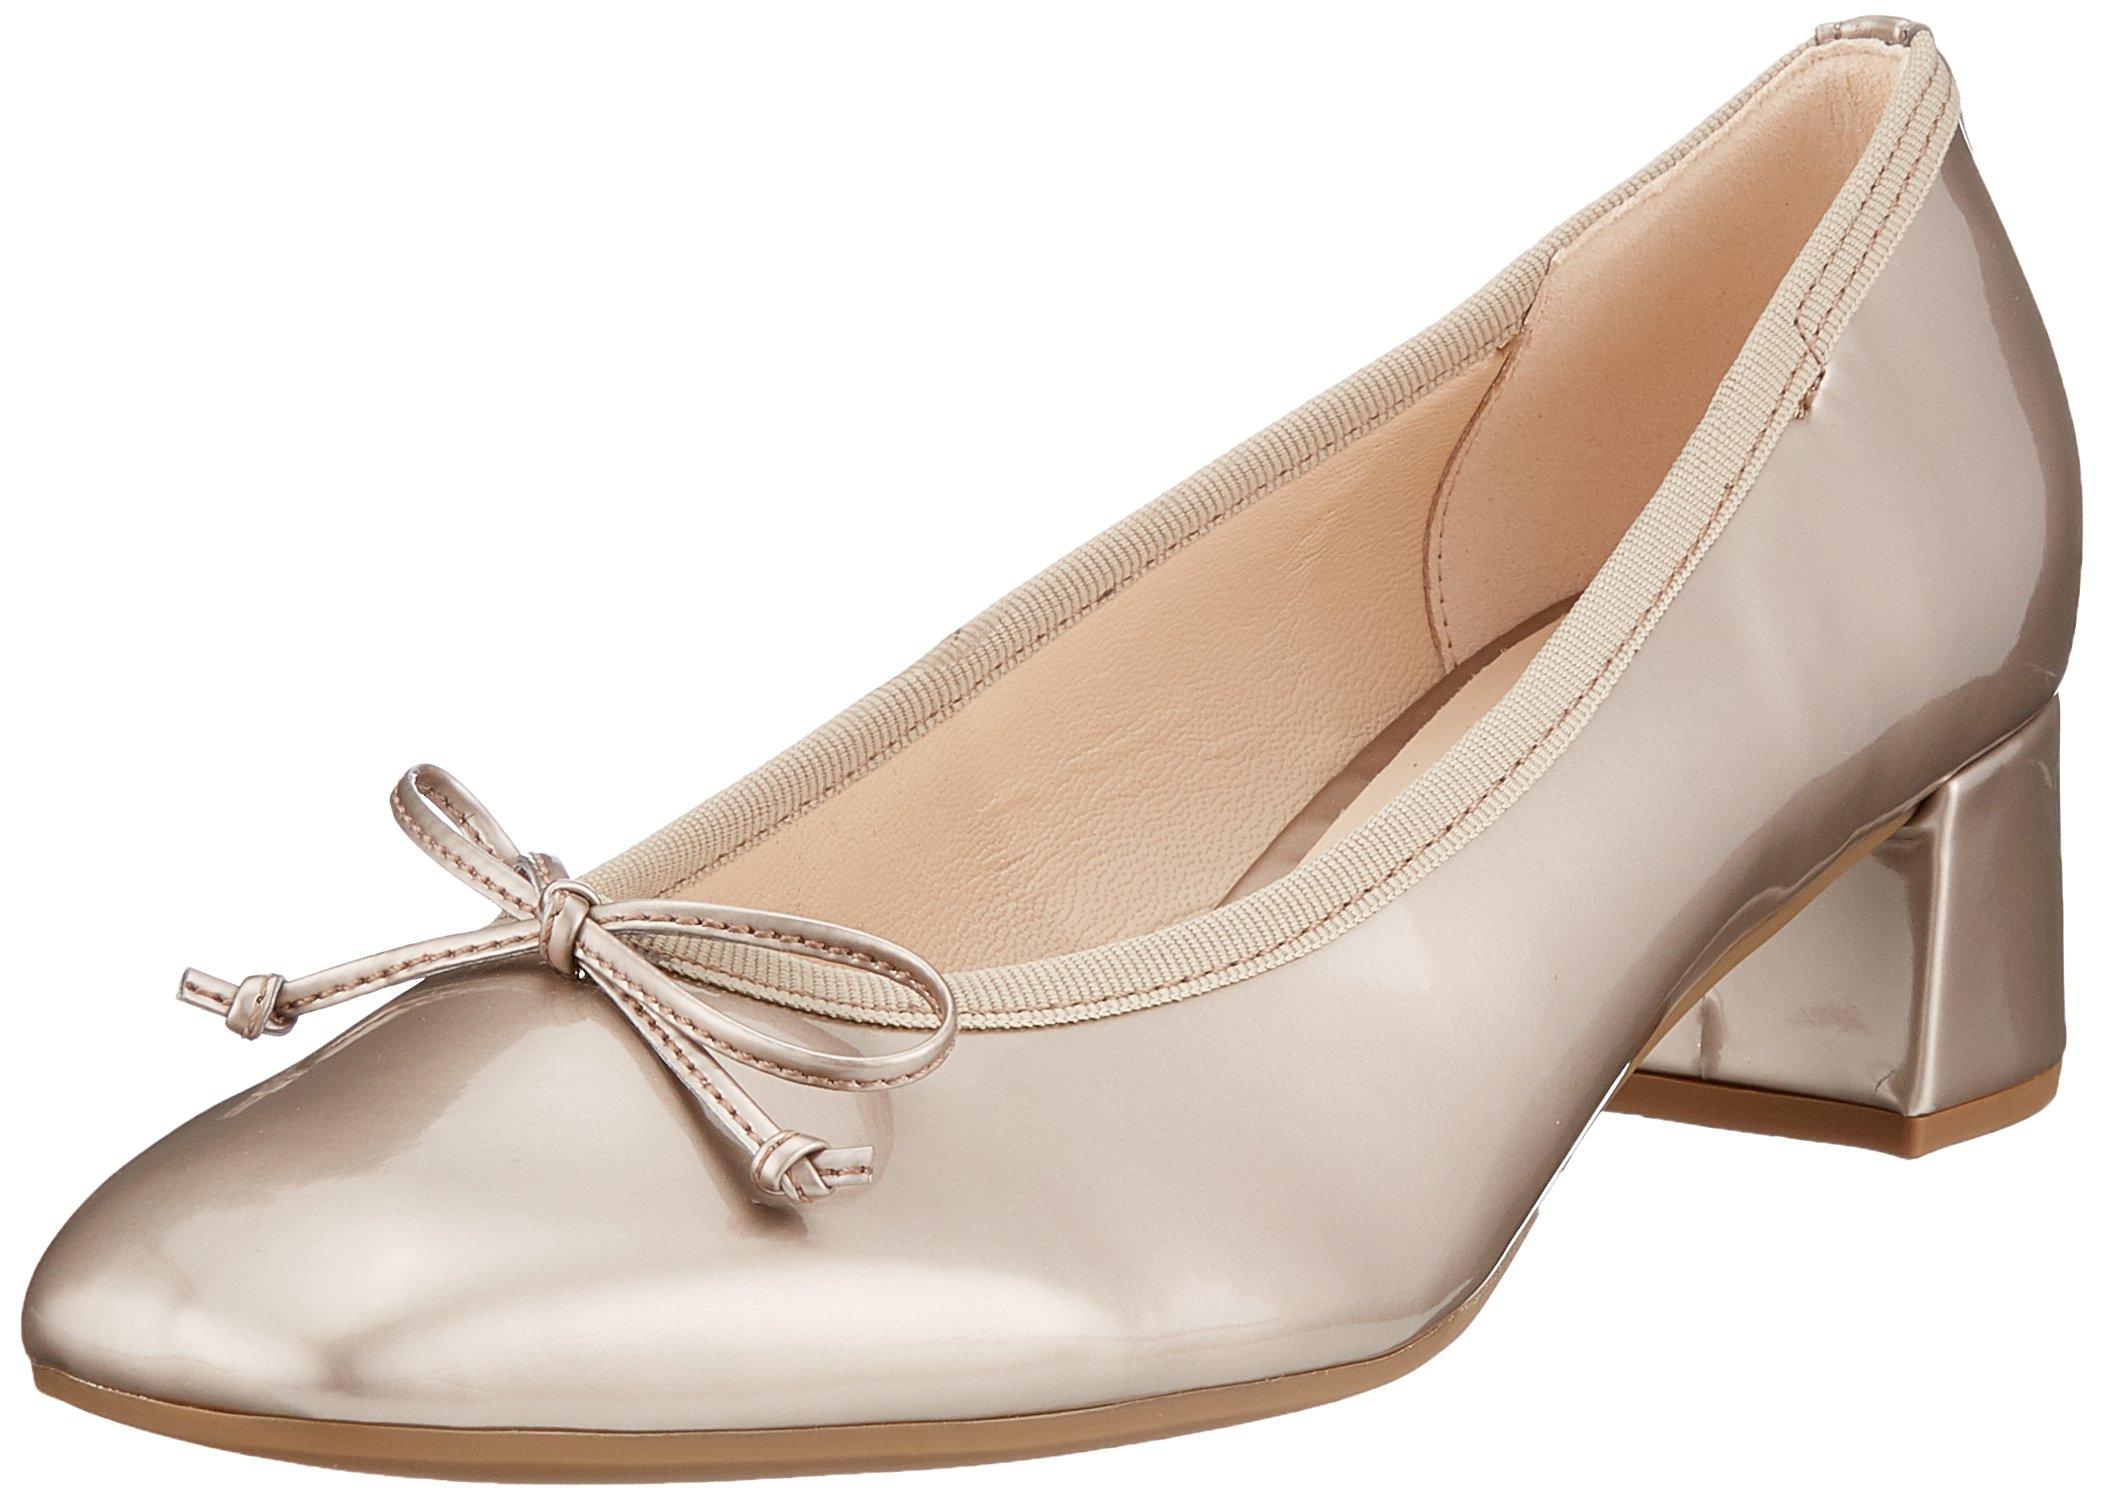 BasicEscarpins Shoes Gabor Shoes Shoes FemmeMulticolorerose39 Gabor Gabor Eu BasicEscarpins FemmeMulticolorerose39 Eu qUzGVpSM